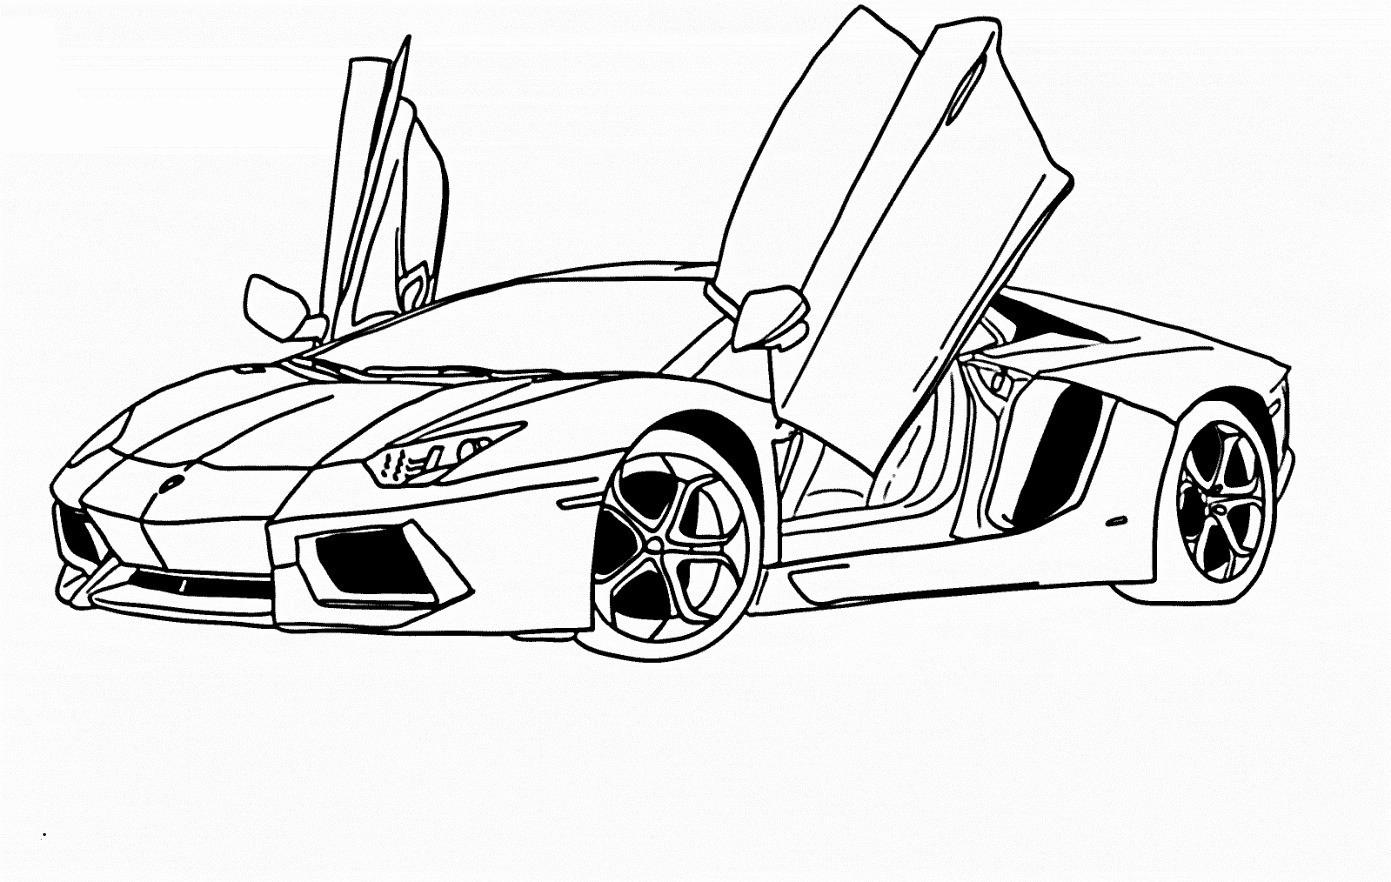 Auto Ausmalbilder Zum Ausdrucken Genial 52 Beispiel Cars Ausmalbilder Lightning Mcqueen Treehouse Nyc Das Bild